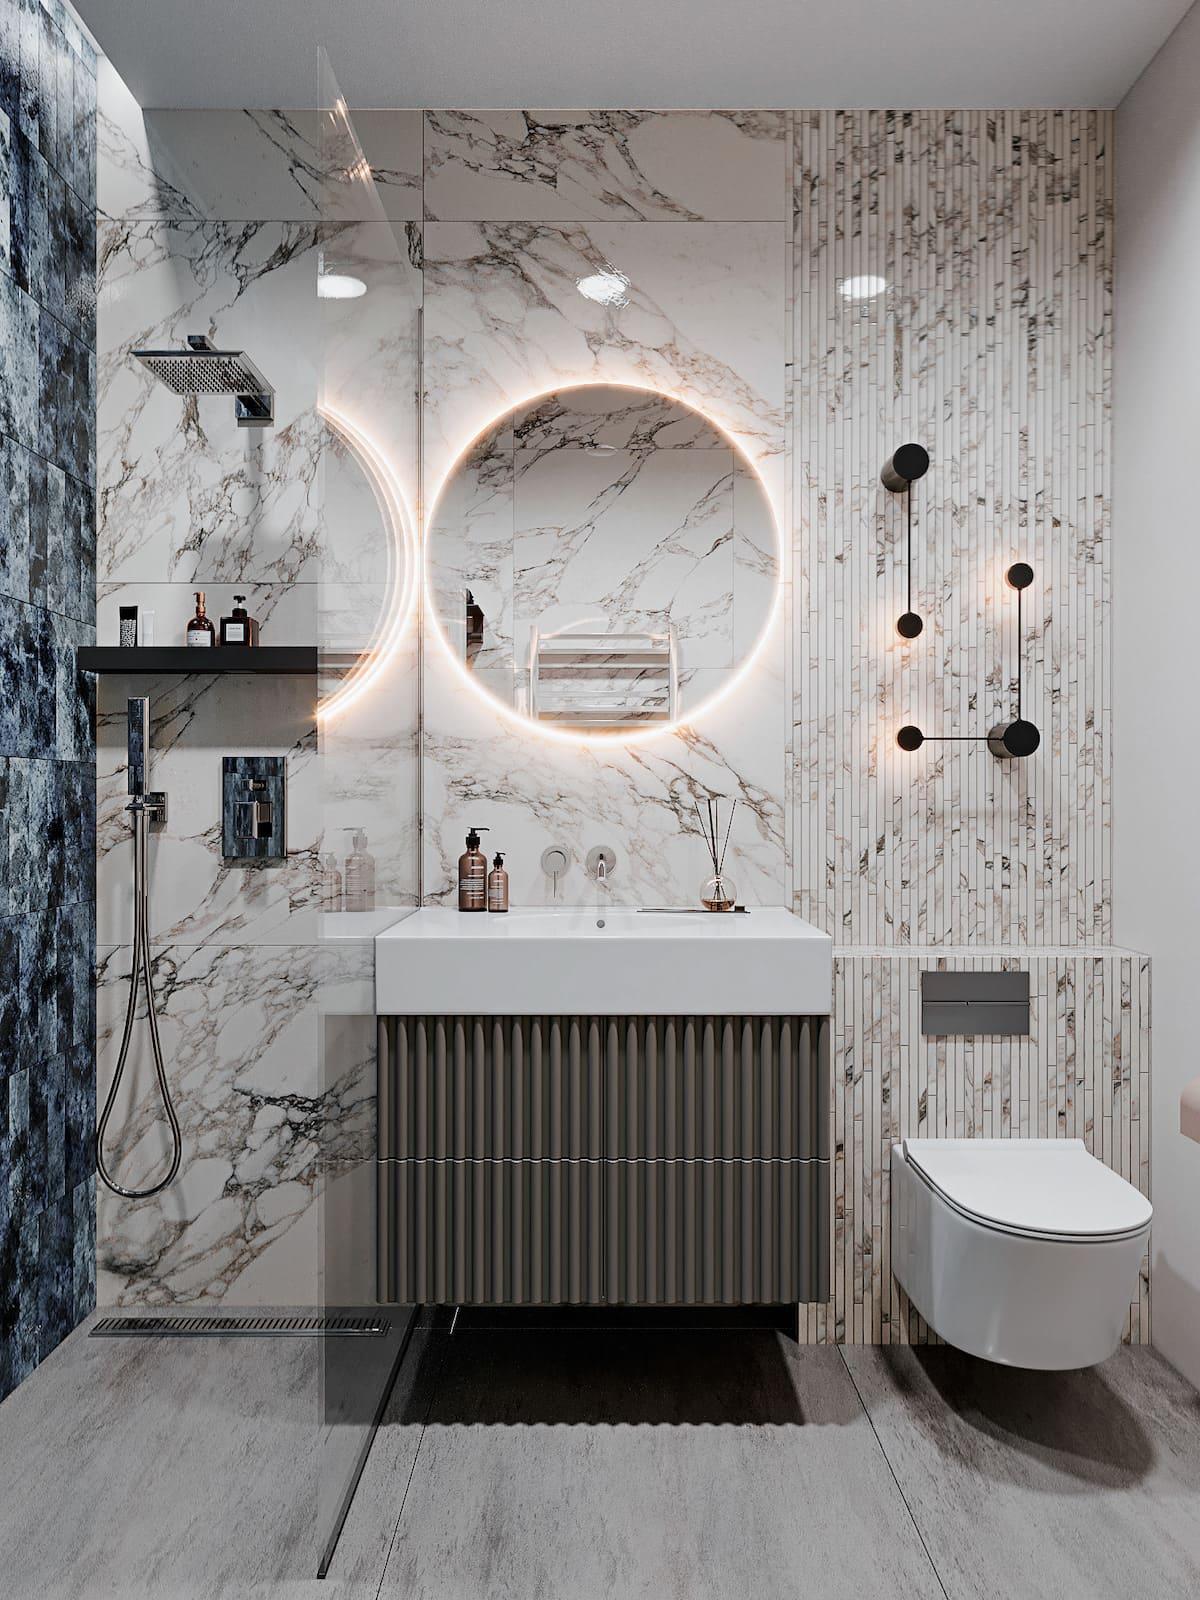 дизайн интерьера ванной комнаты фото 29